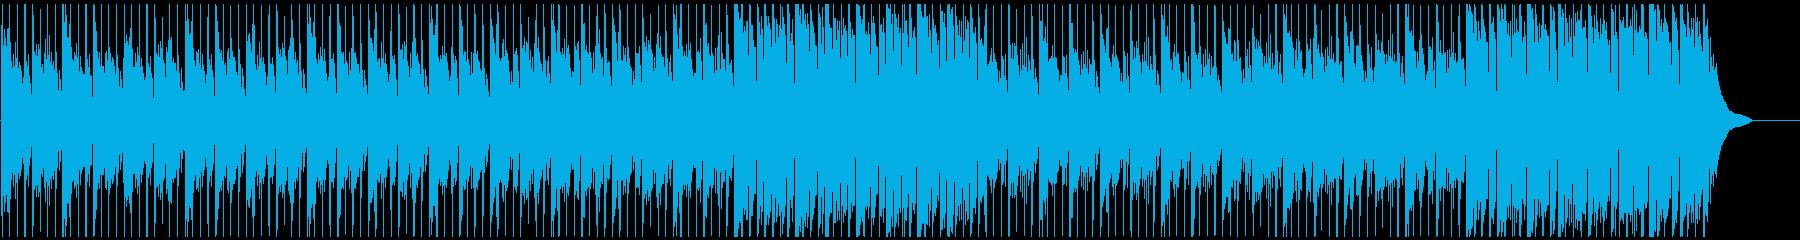 企業VPに 疾走感のあるピアノメイン曲の再生済みの波形